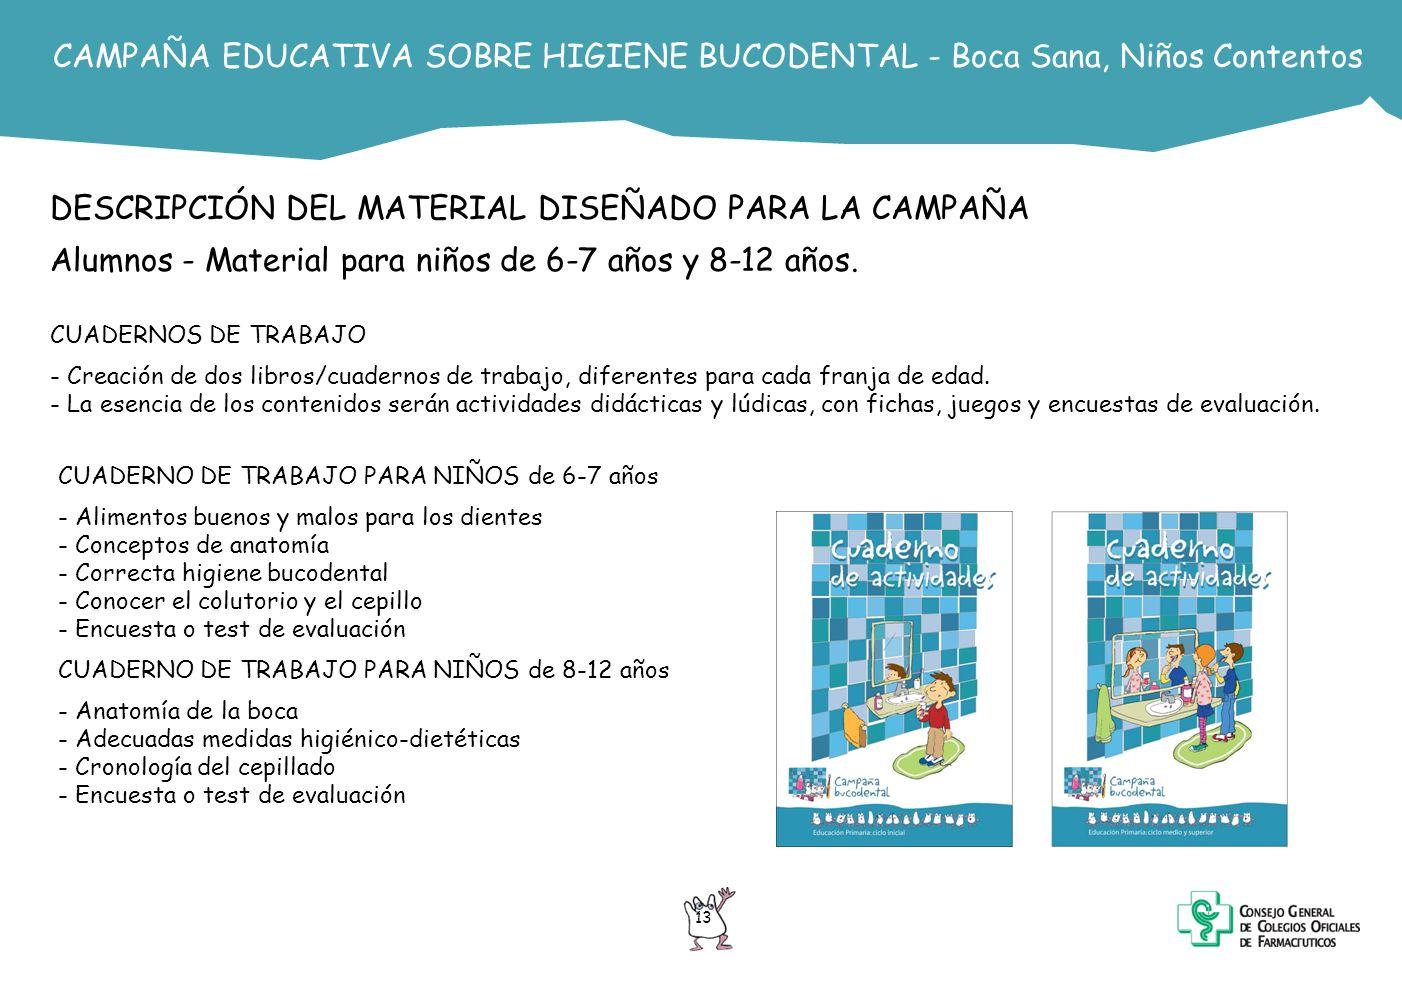 13 CAMPAÑA EDUCATIVA SOBRE HIGIENE BUCODENTAL - Boca Sana, Niños Contentos DESCRIPCIÓN DEL MATERIAL DISEÑADO PARA LA CAMPAÑA Alumnos - Material para n